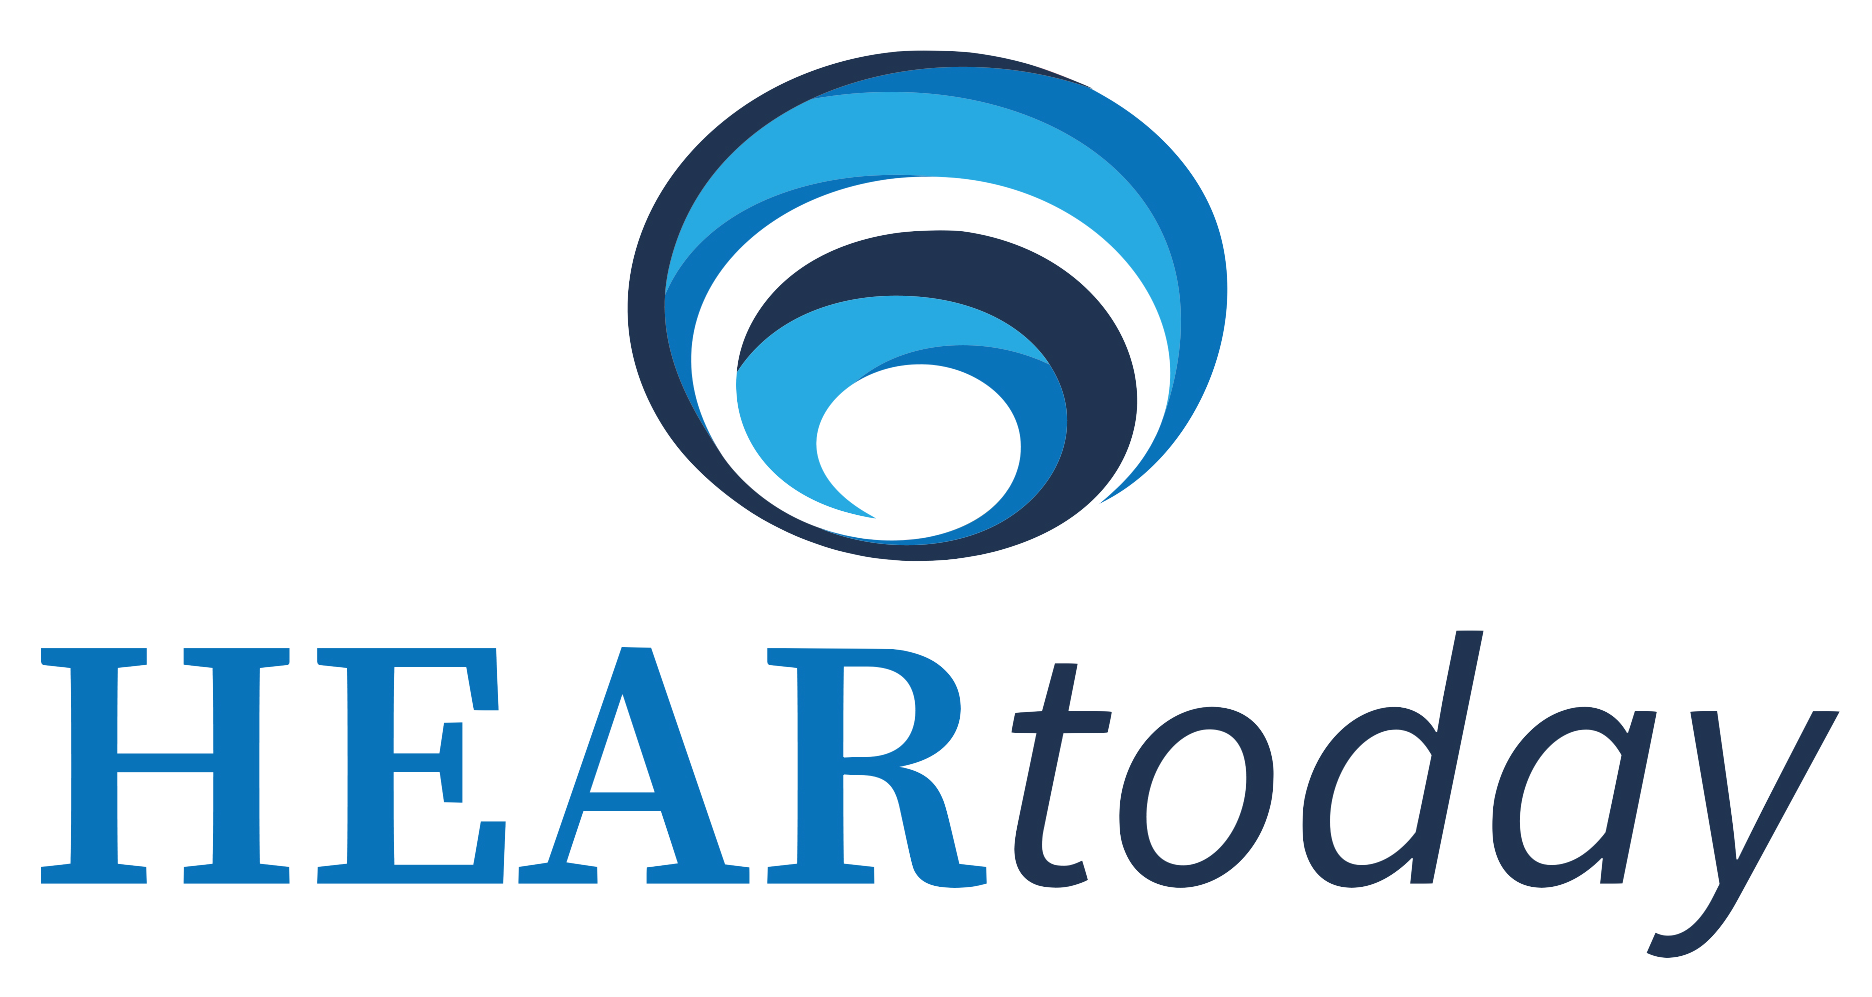 Heartoday_Logo